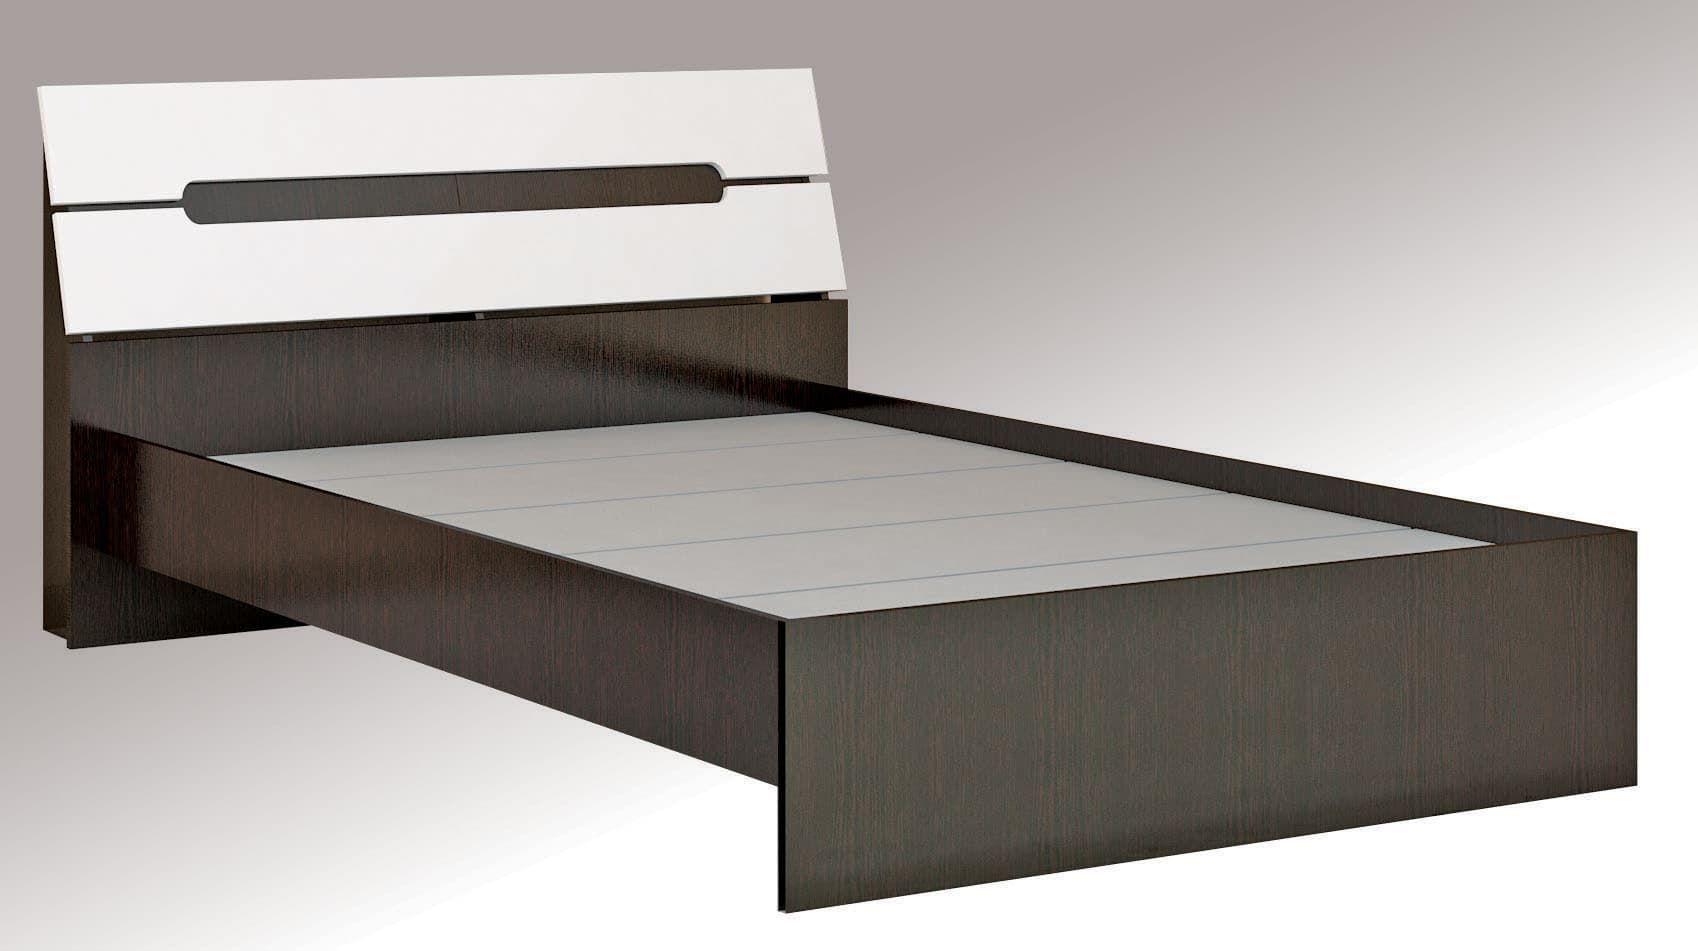 Кровать Гавана 1,4 с основанием ДСП, без матраса Глянец